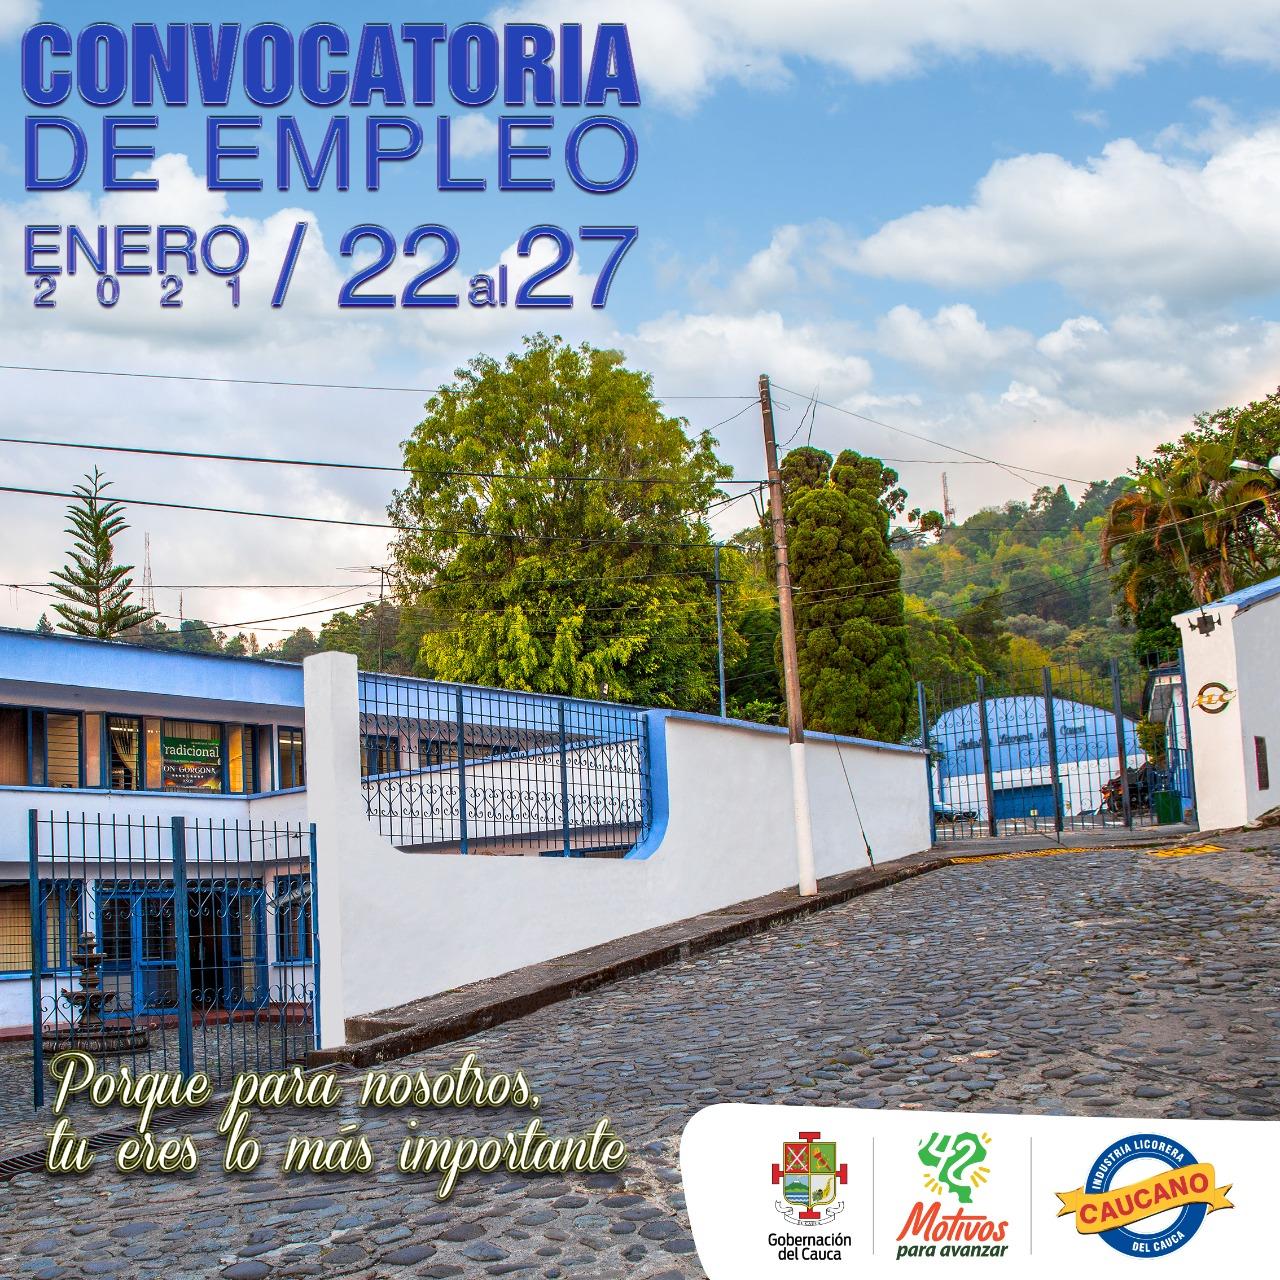 ABIERTA NUEVAMENTE CONVOCATORIA DE EMPLEO EN LA INDUSTRIA LICORERA DEL CAUCA